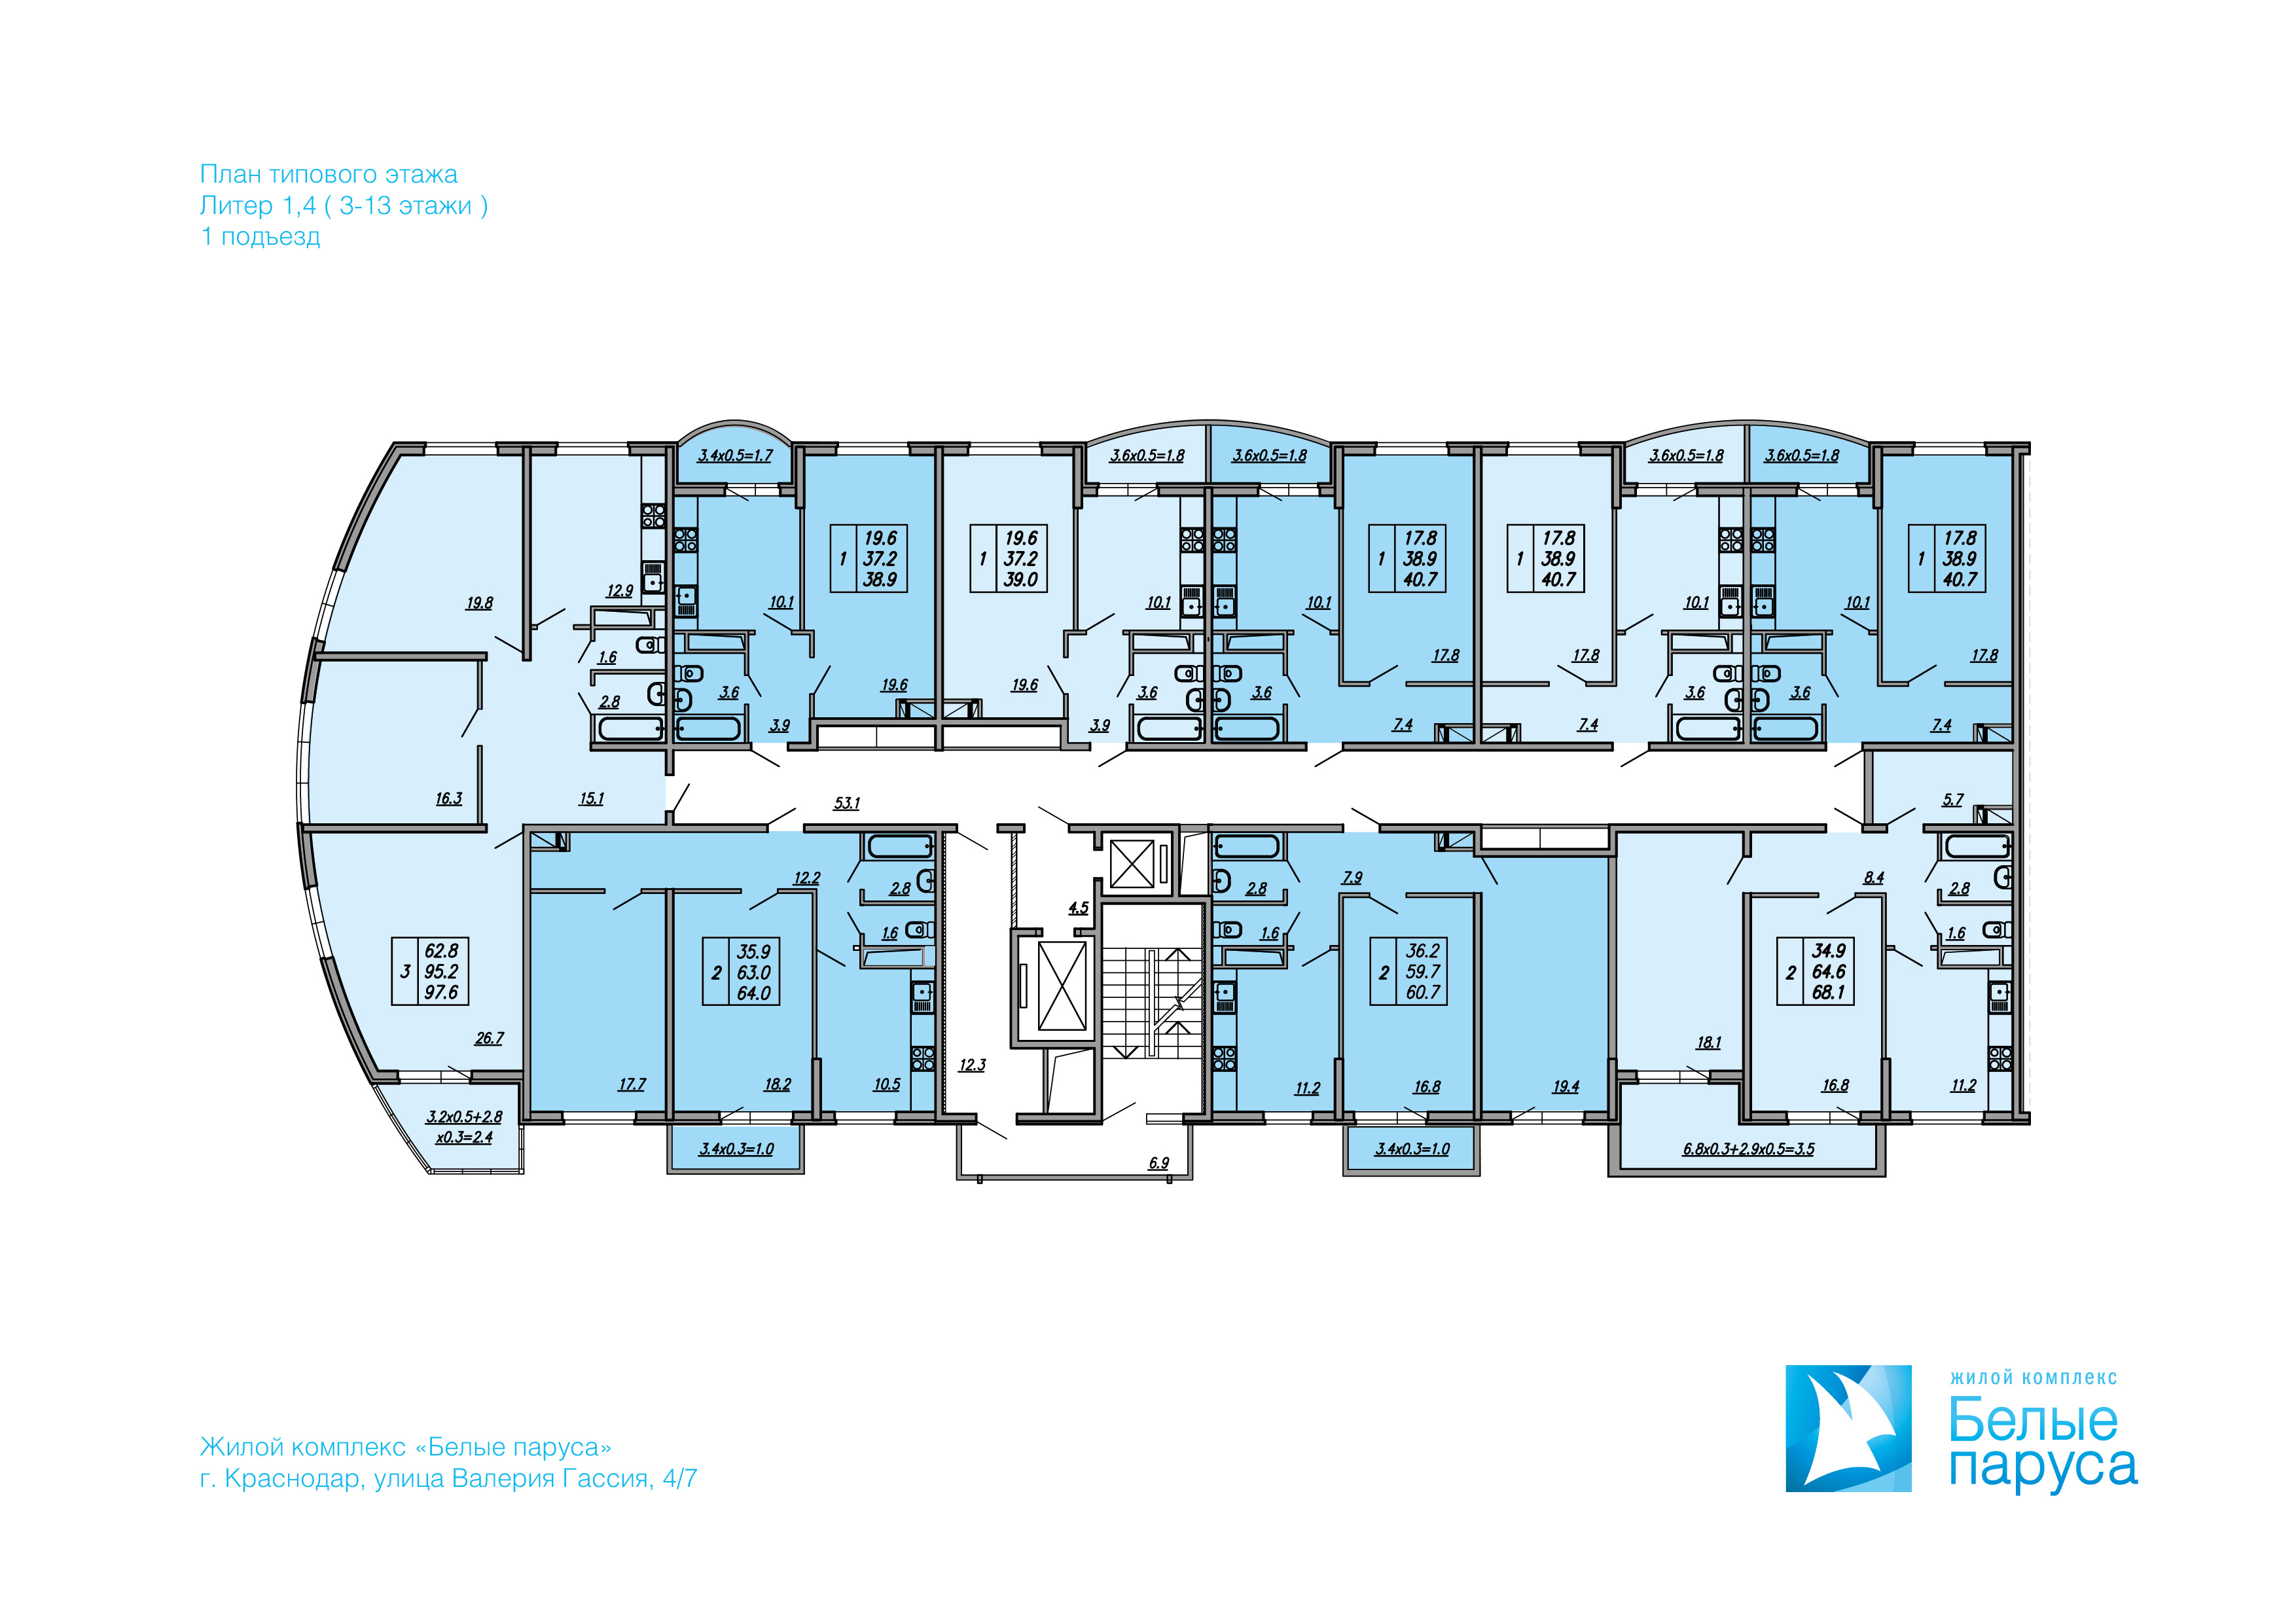 подъезд 1, этаж 3-13